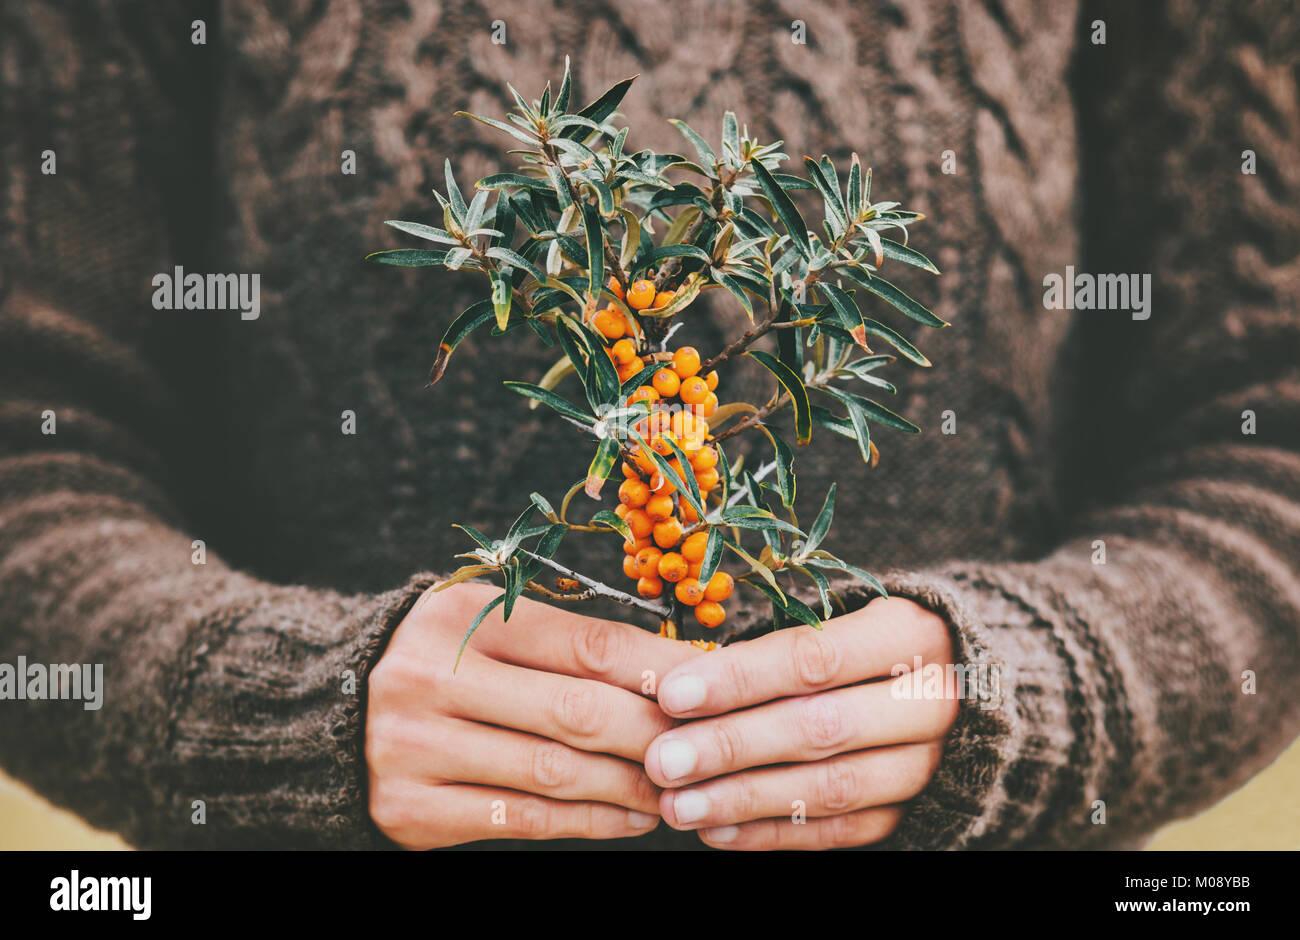 Donna mani mare Frangola bacche cibo organico uno stile di vita sano impianto raccolte fresche Confortevole felpa Immagini Stock